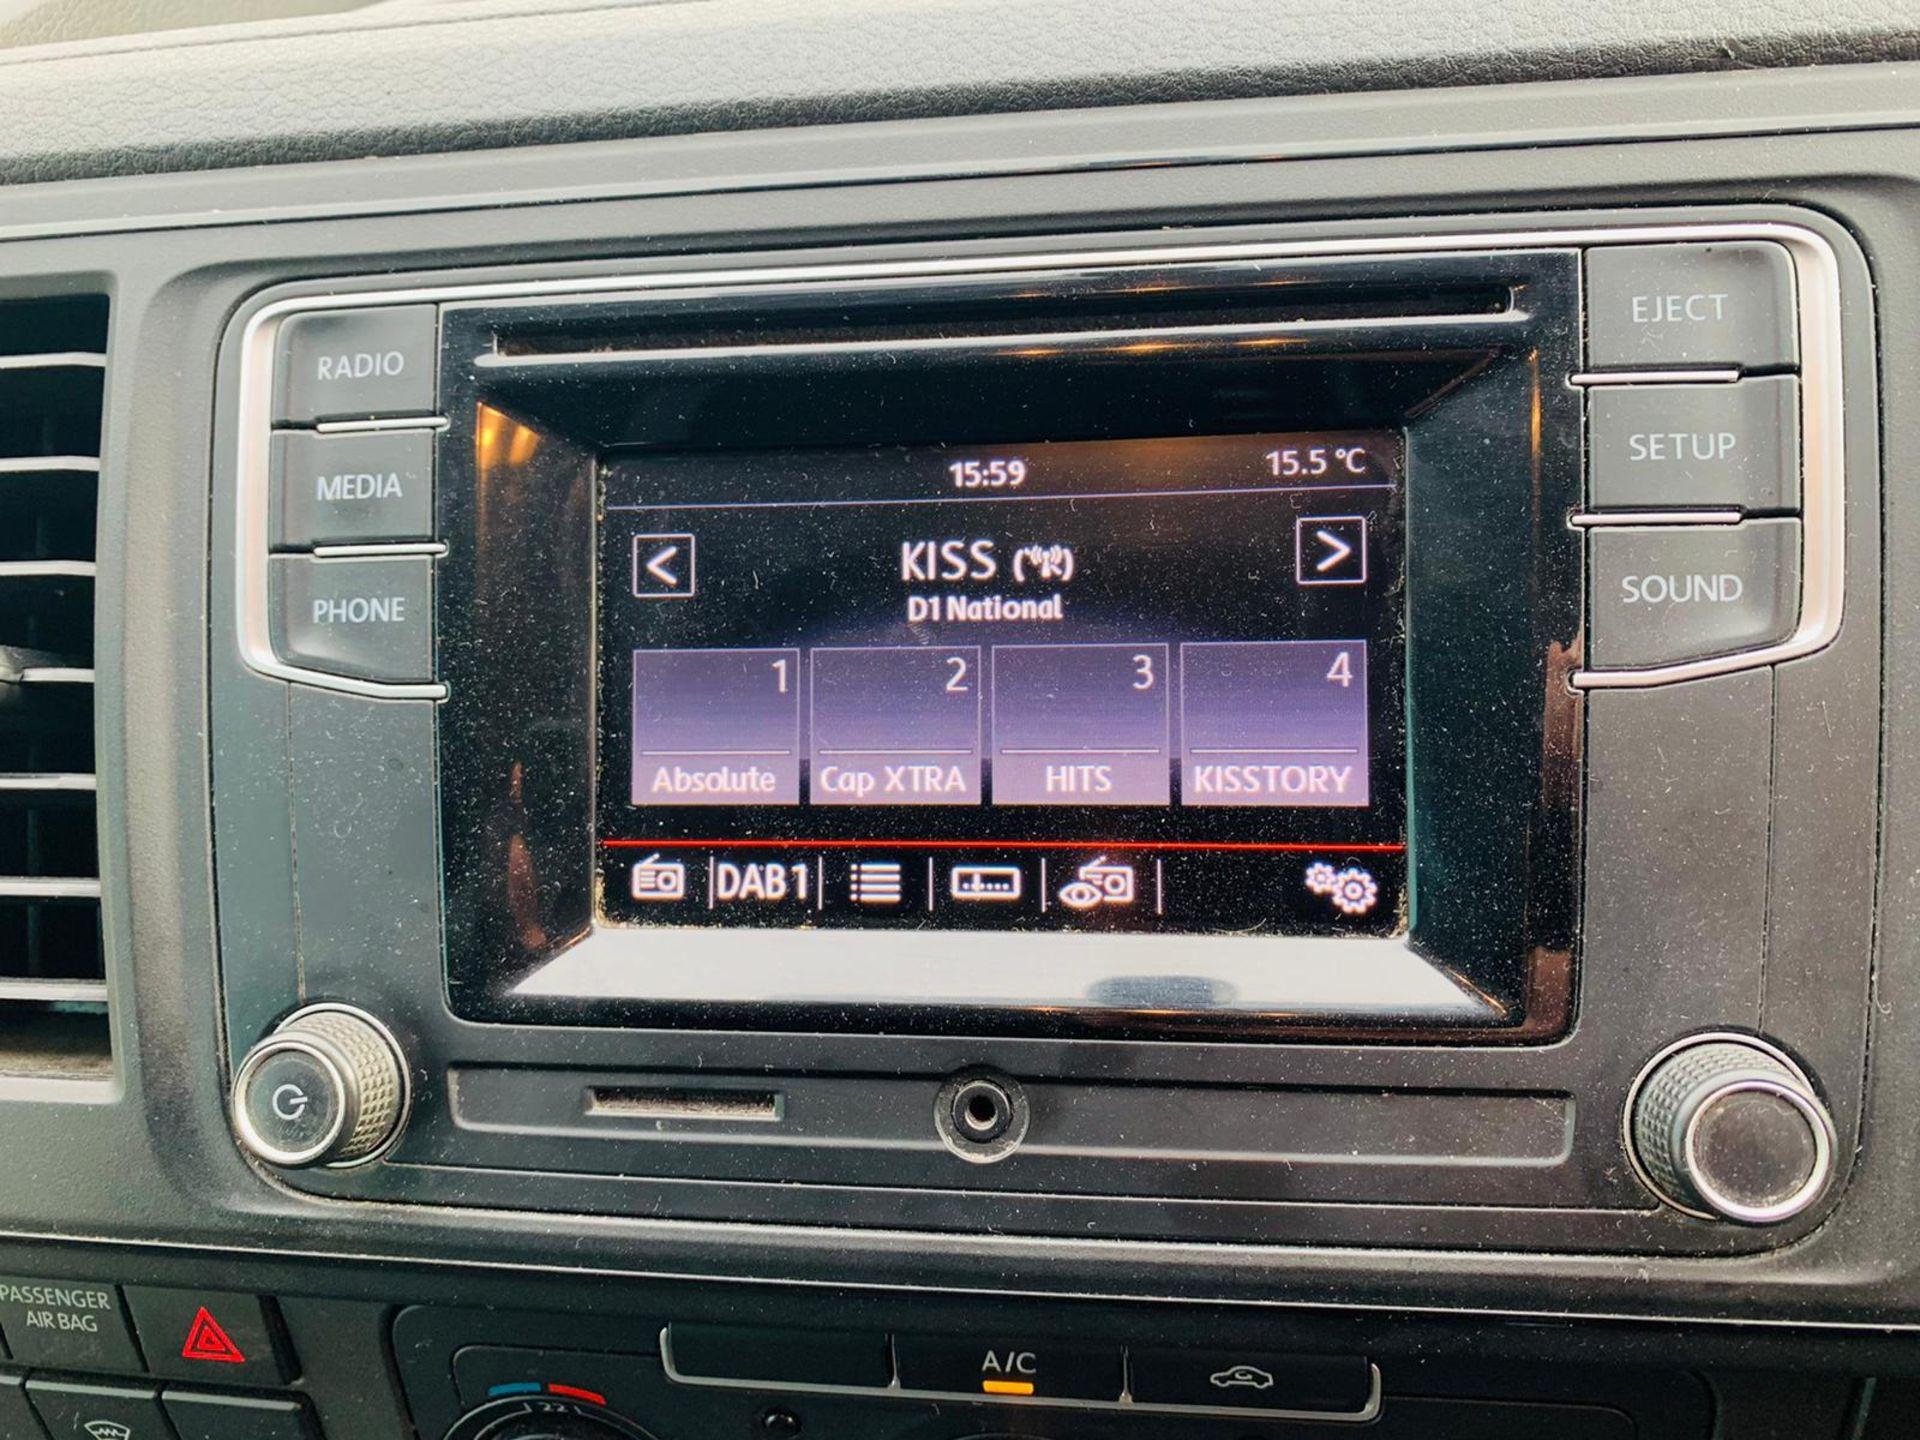 (RESERVE MET) Volkswagen (VW) Transporter 2.0 TDI 150 Highline T28 2018 18 Reg - Parking Sensors - - Image 16 of 23